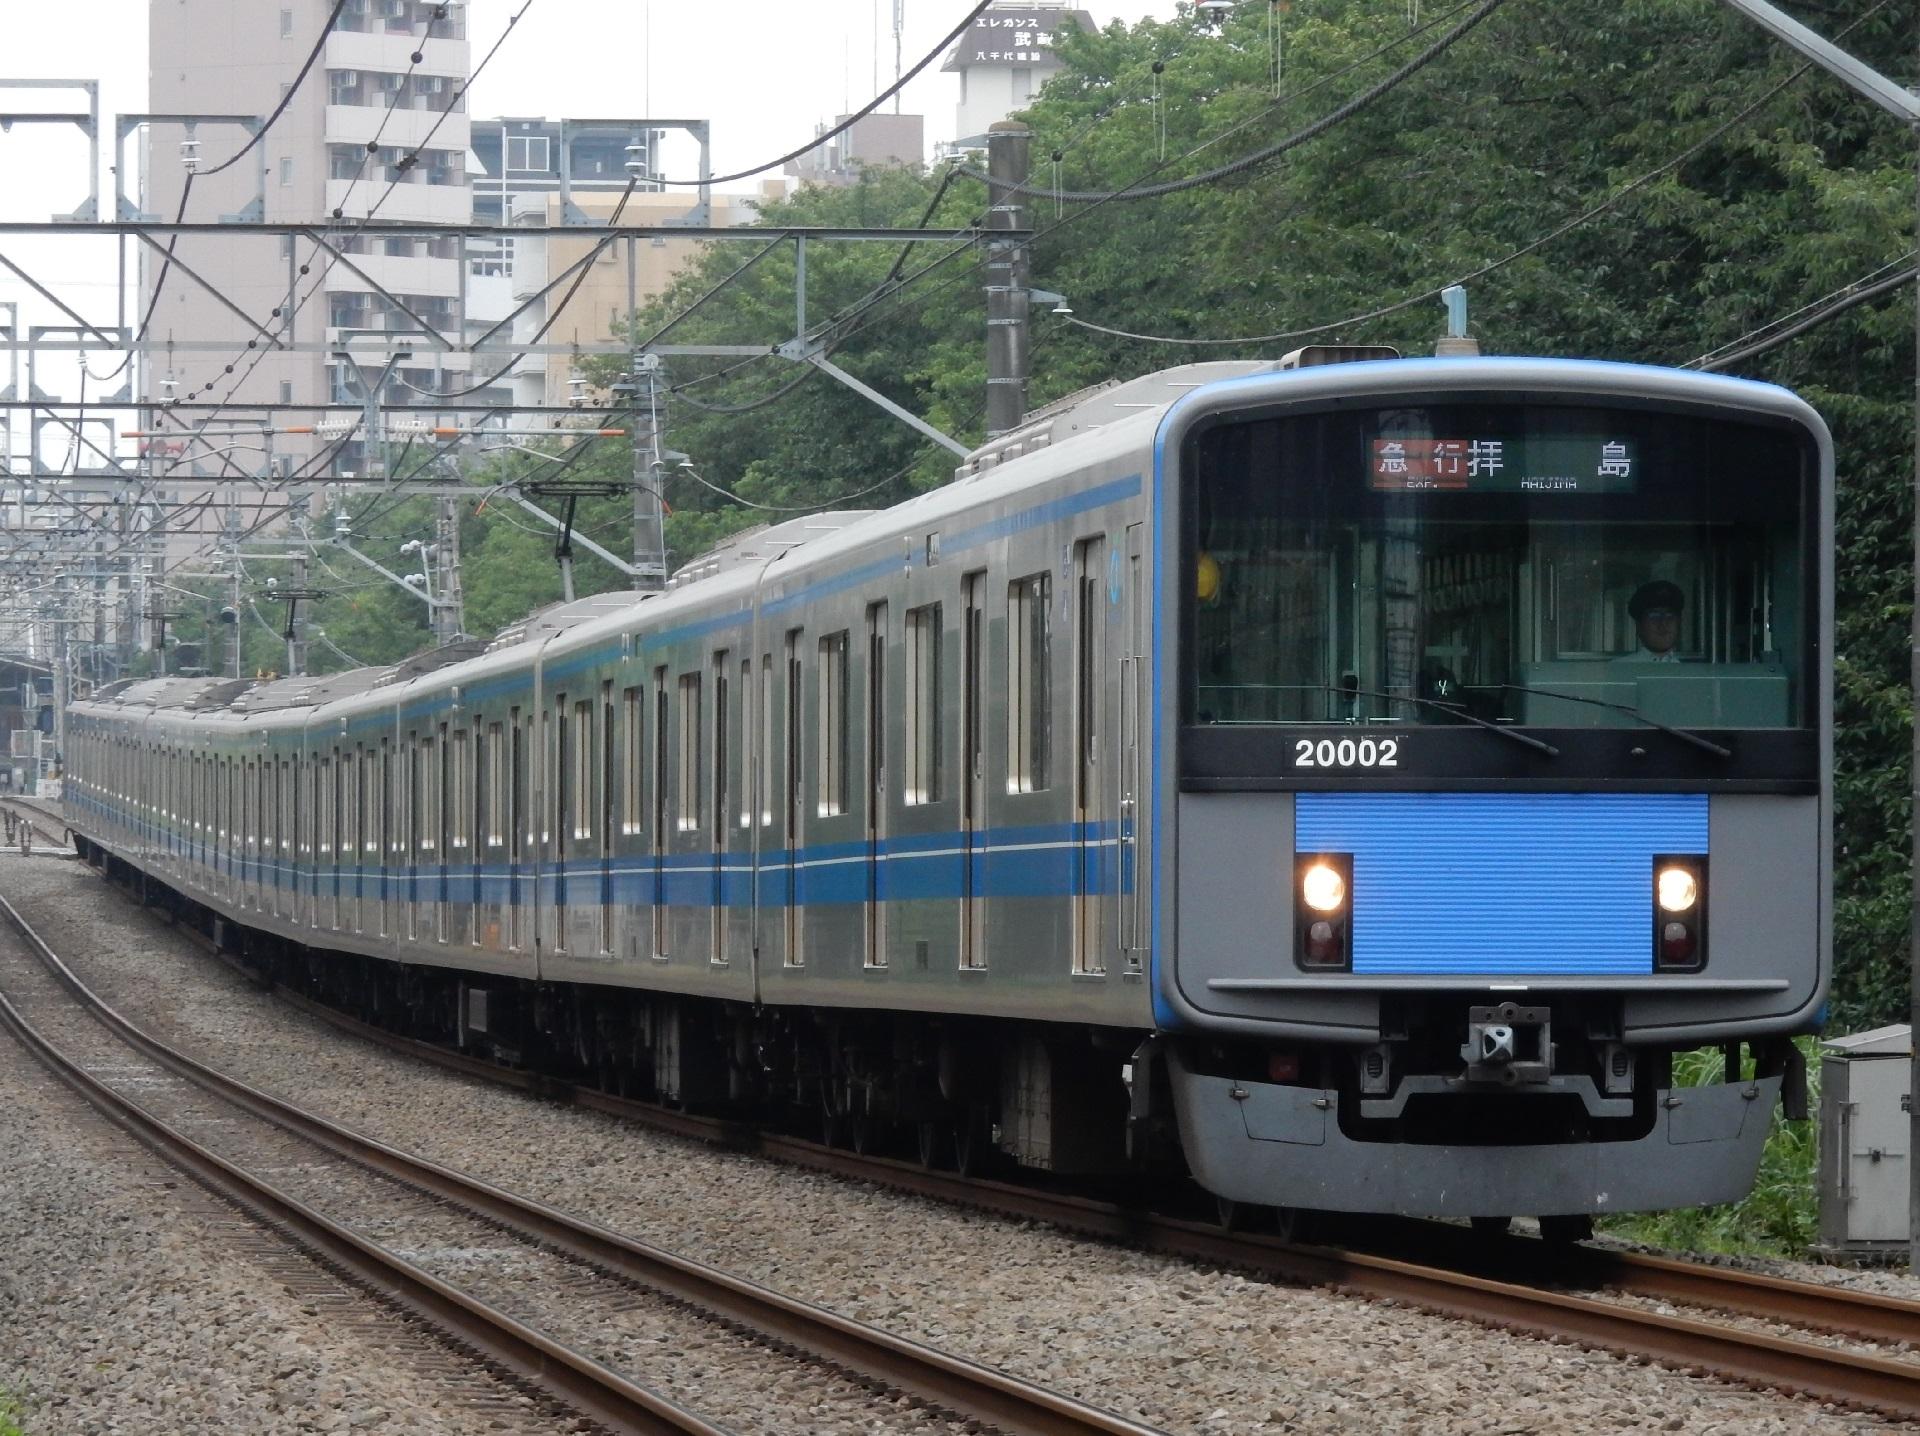 DSCN1405 - コピー